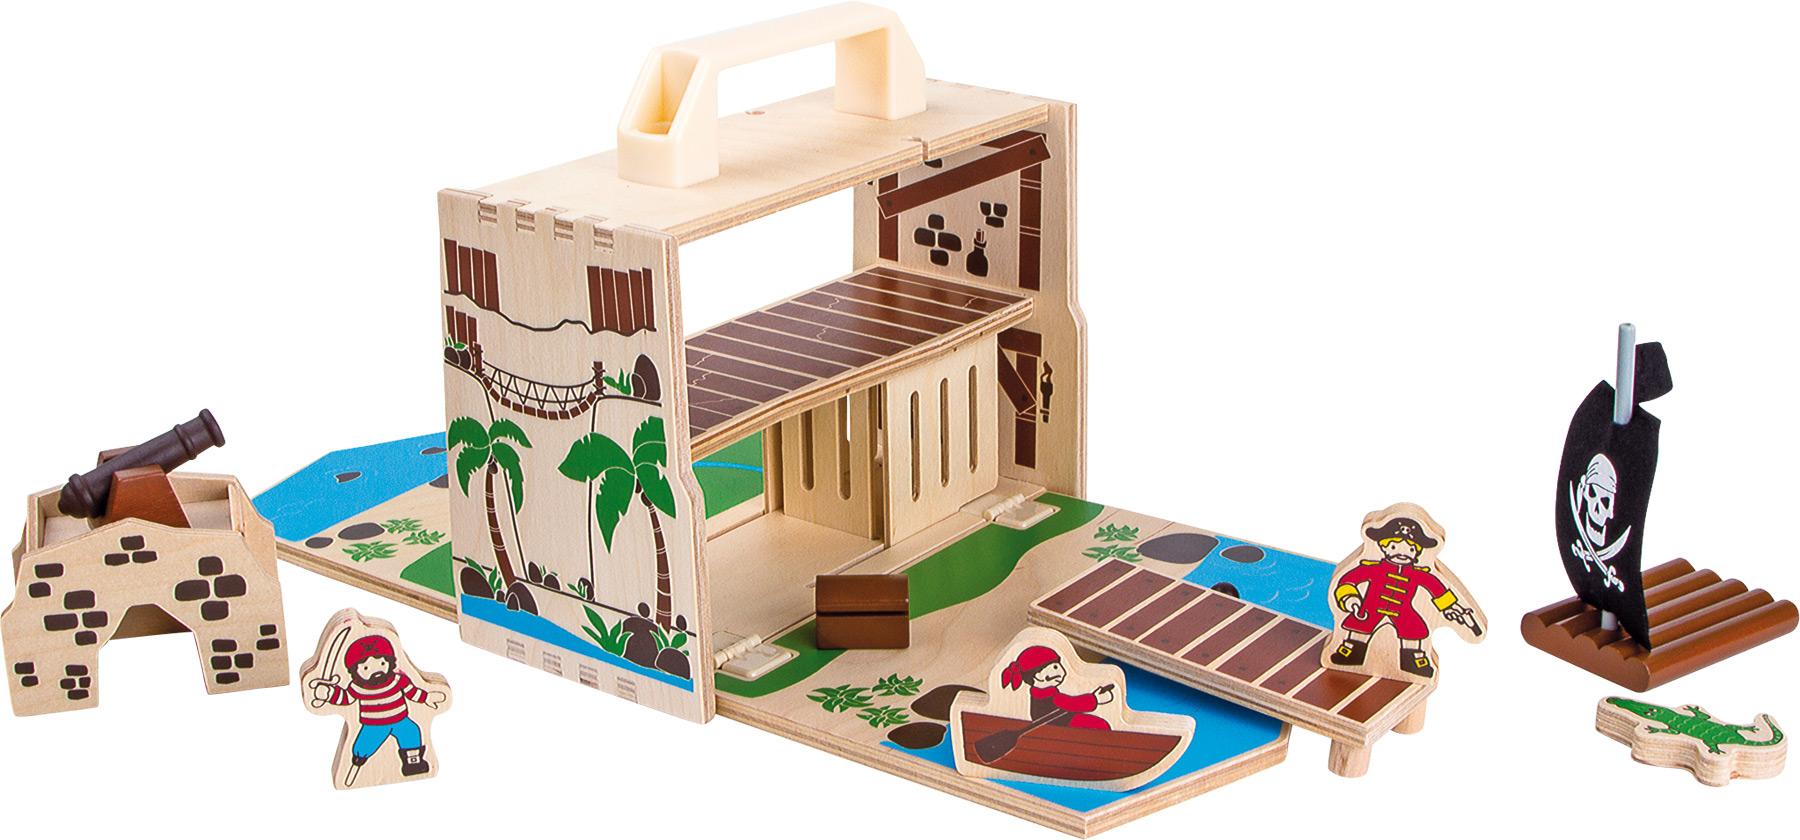 Small foot - Box set pirate iland